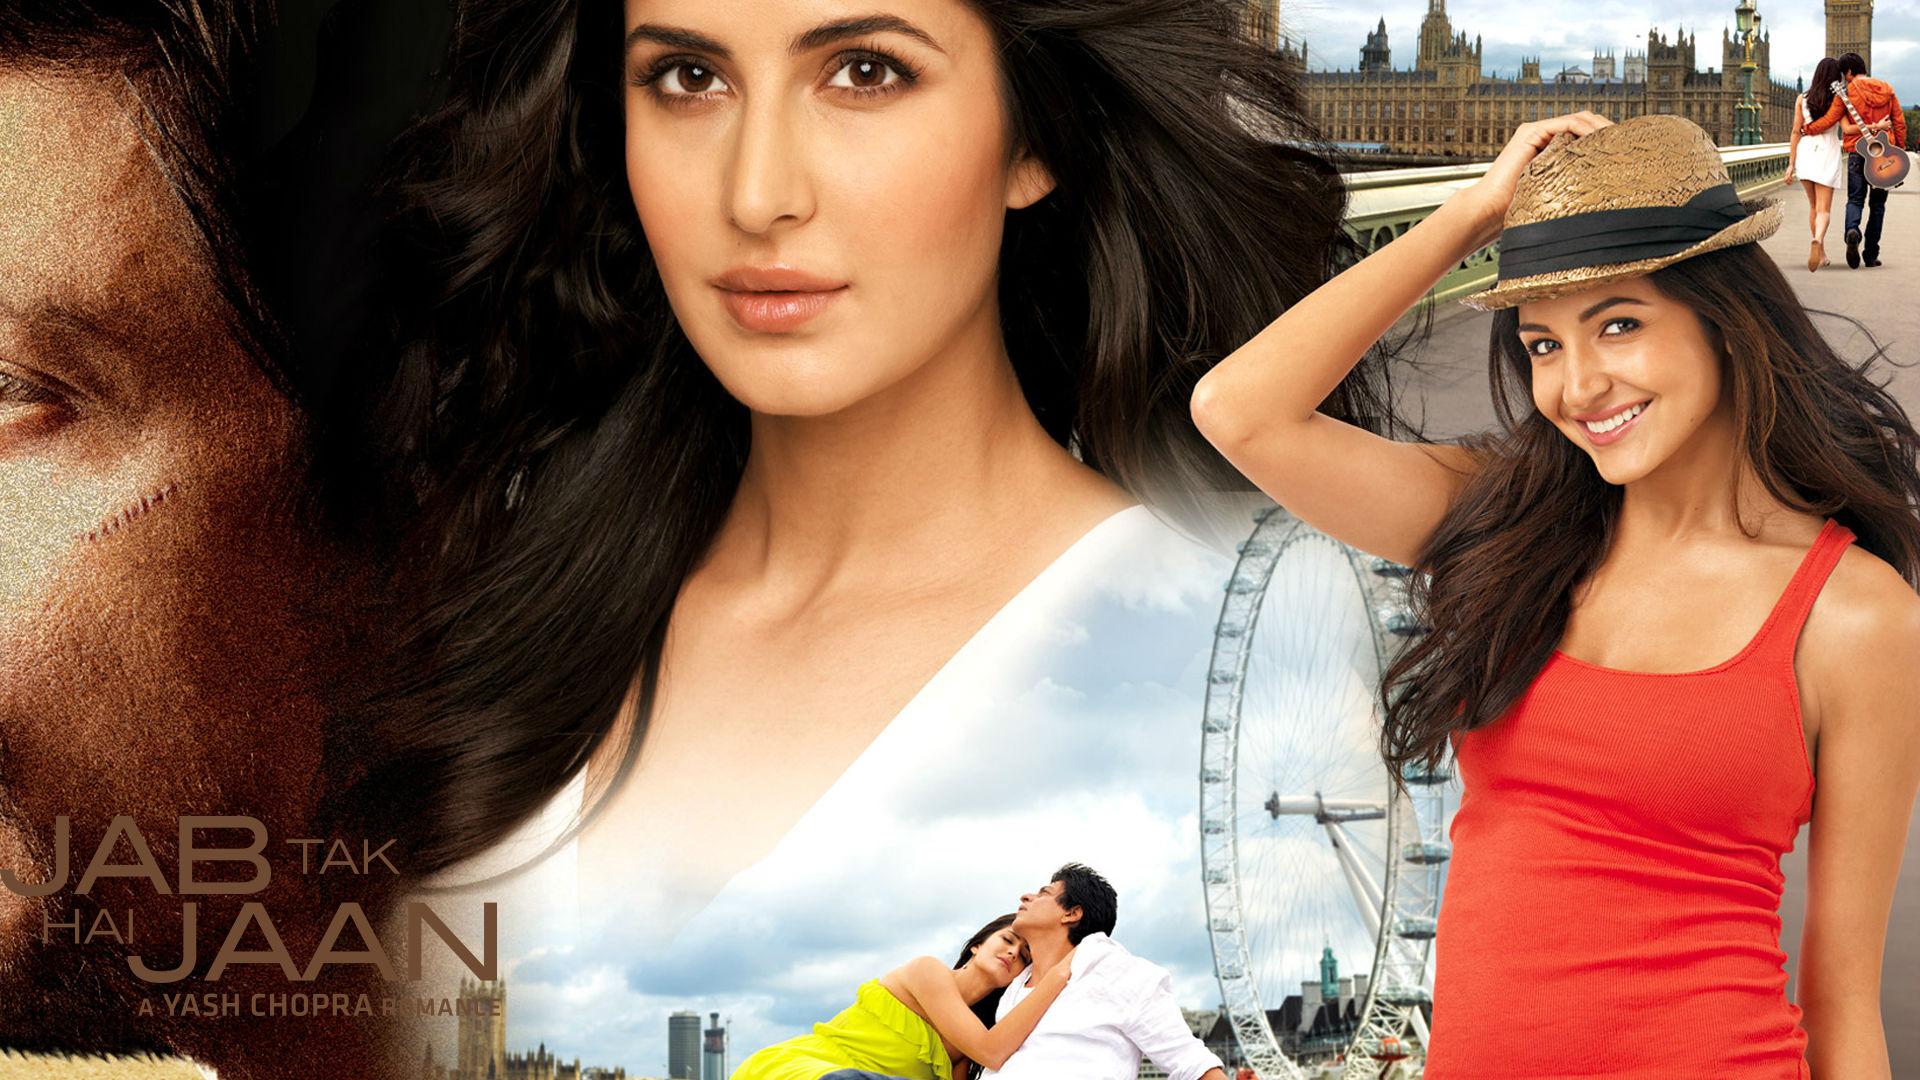 Katrina Kaif Jab Tak Hai Jaan